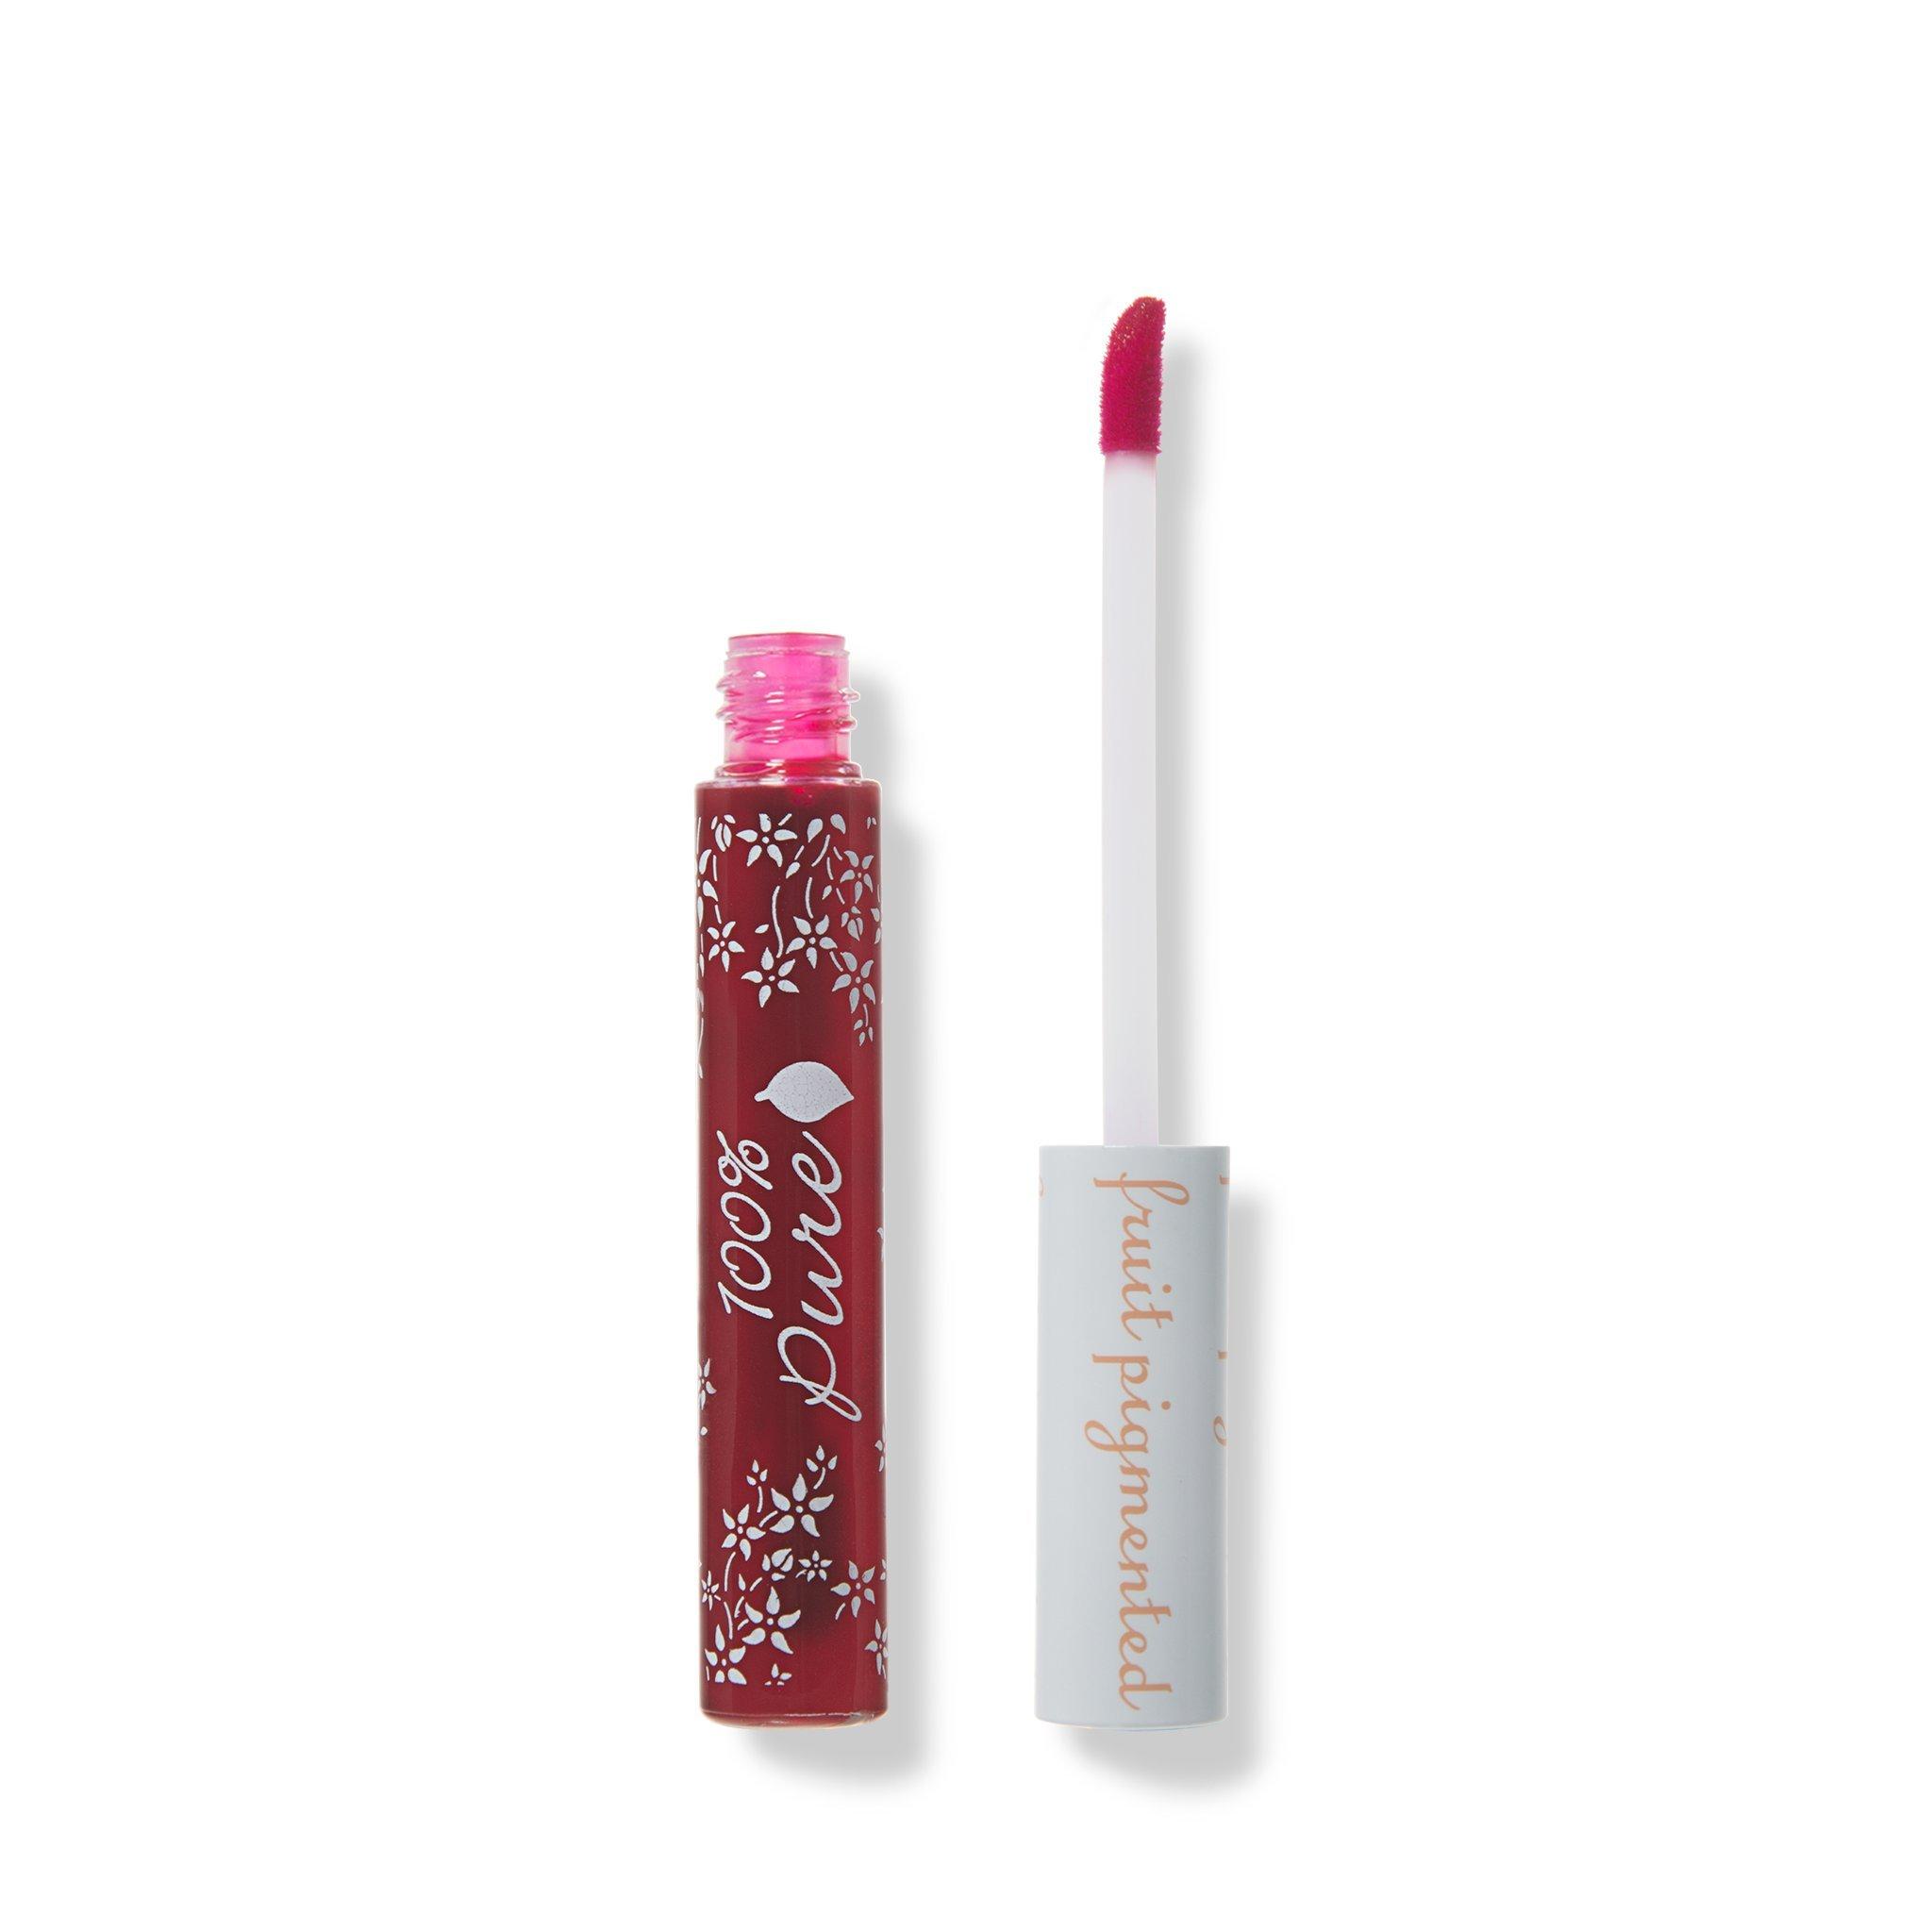 100% Pure Lip and Cheek Stain, Cherry